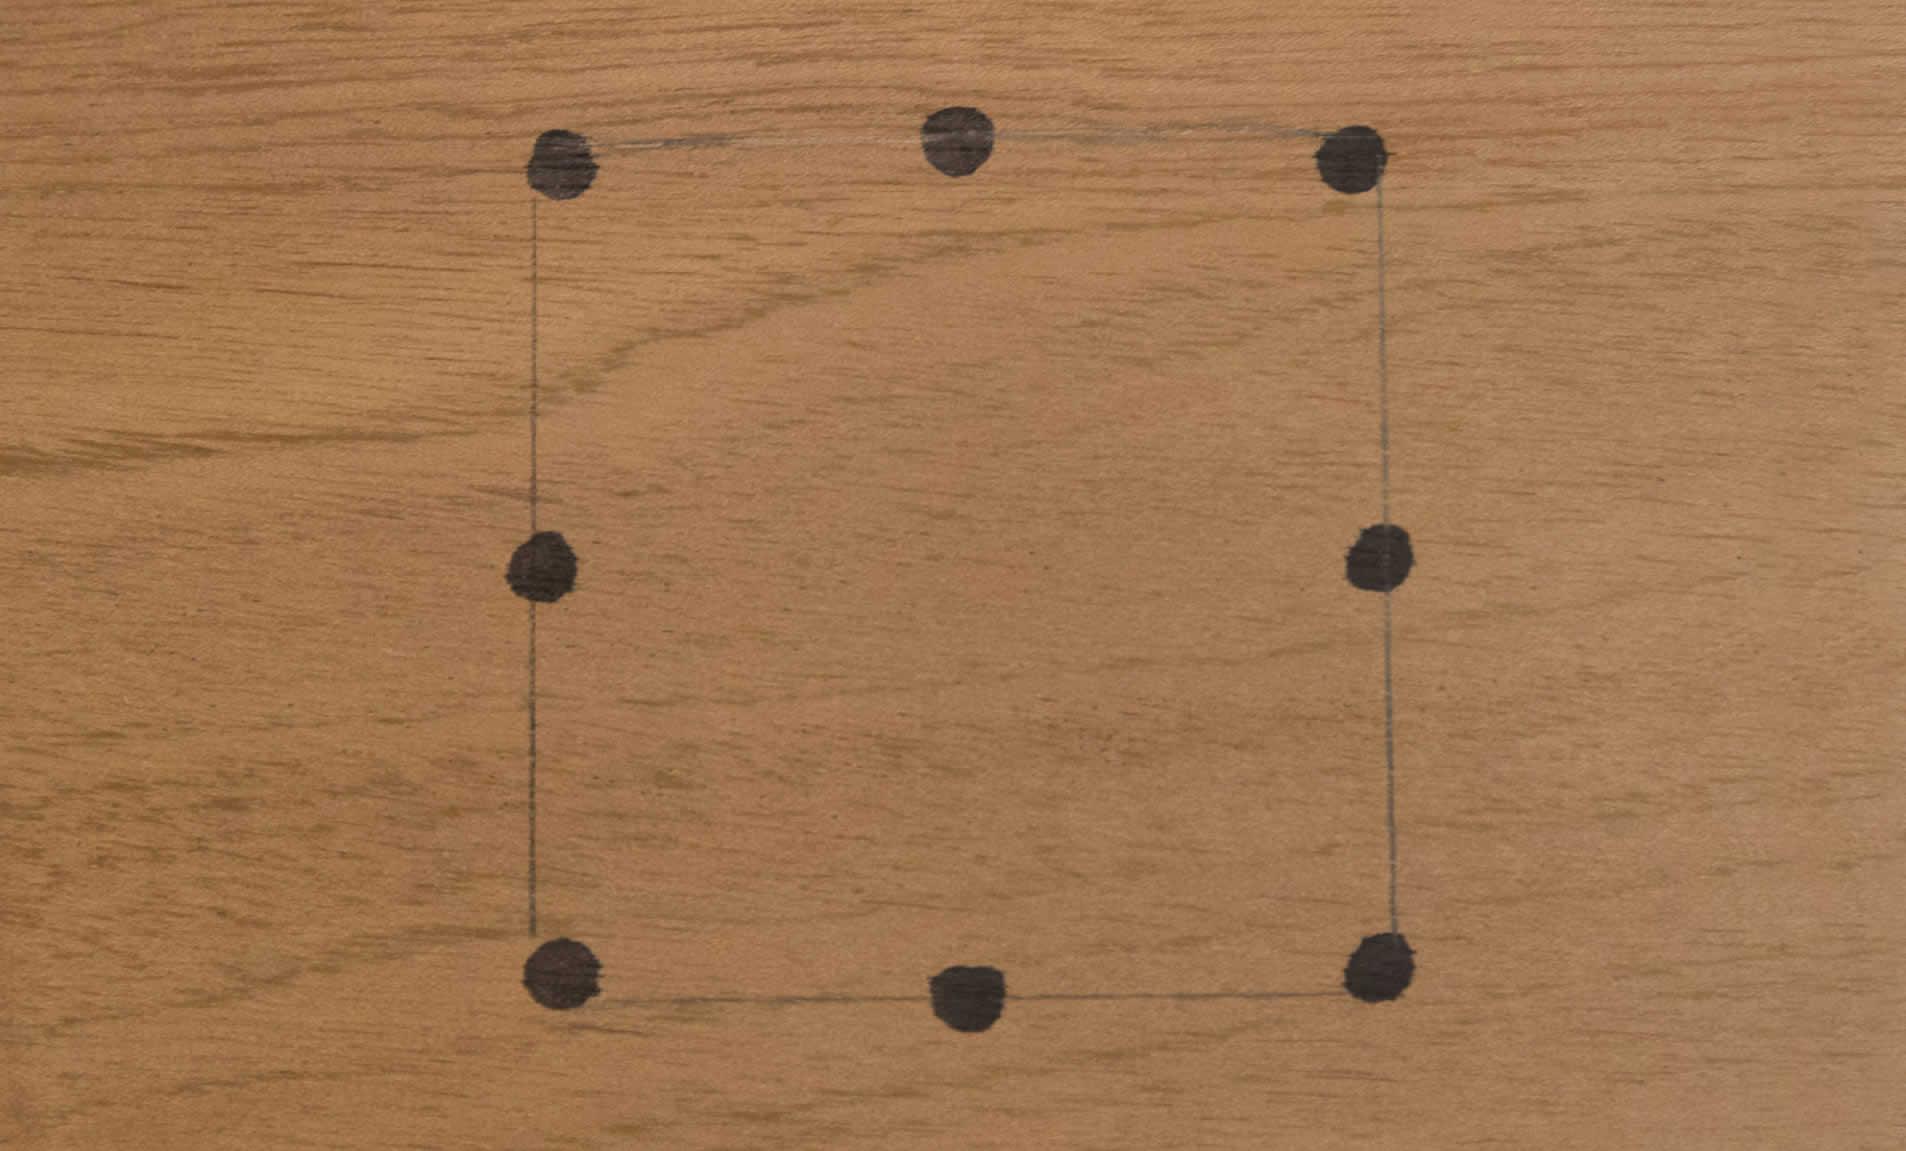 rivet-door-arrow-project-step4c.jpg